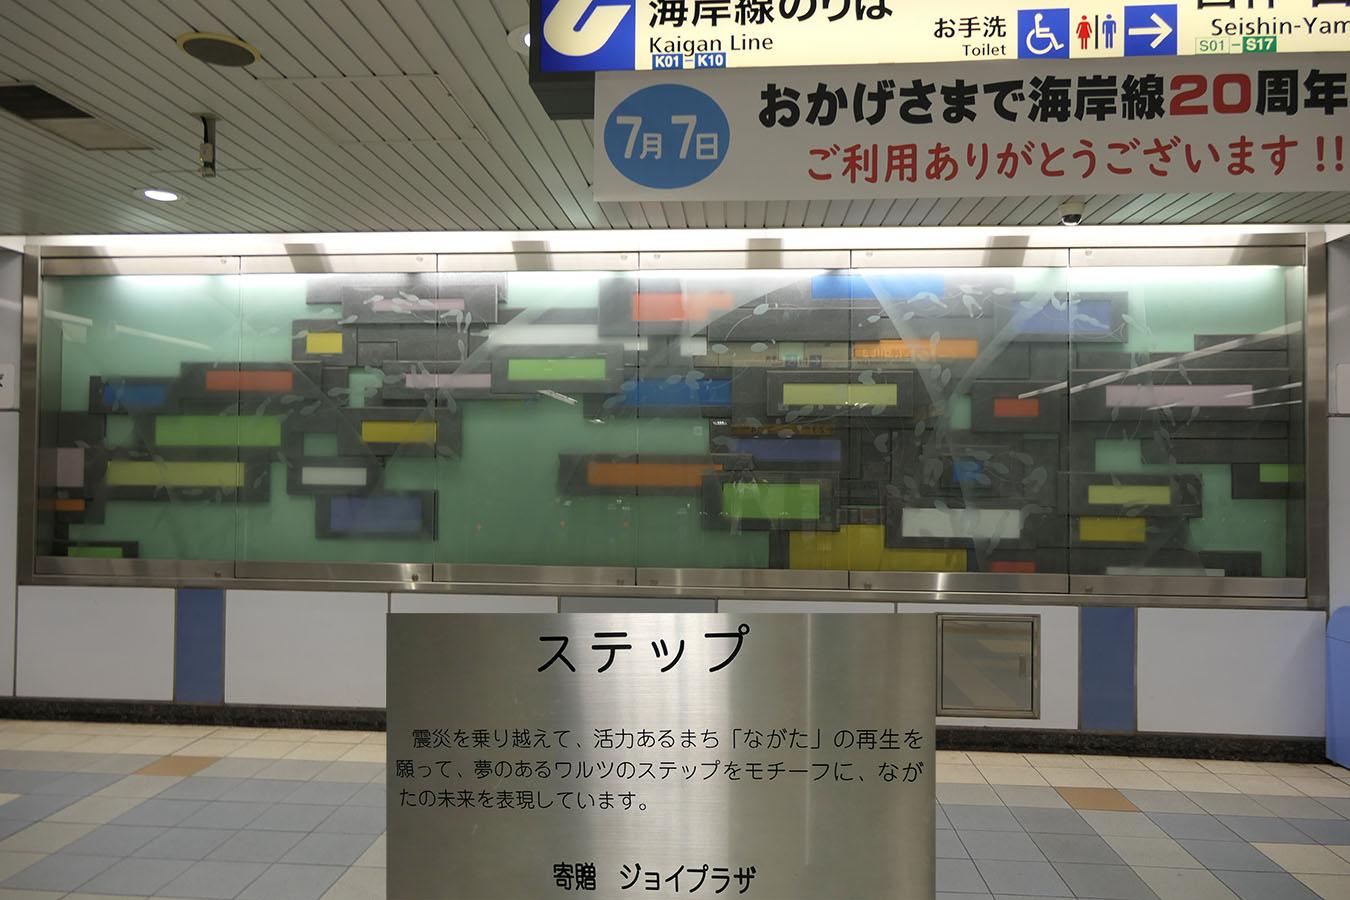 K10_photo07.jpg